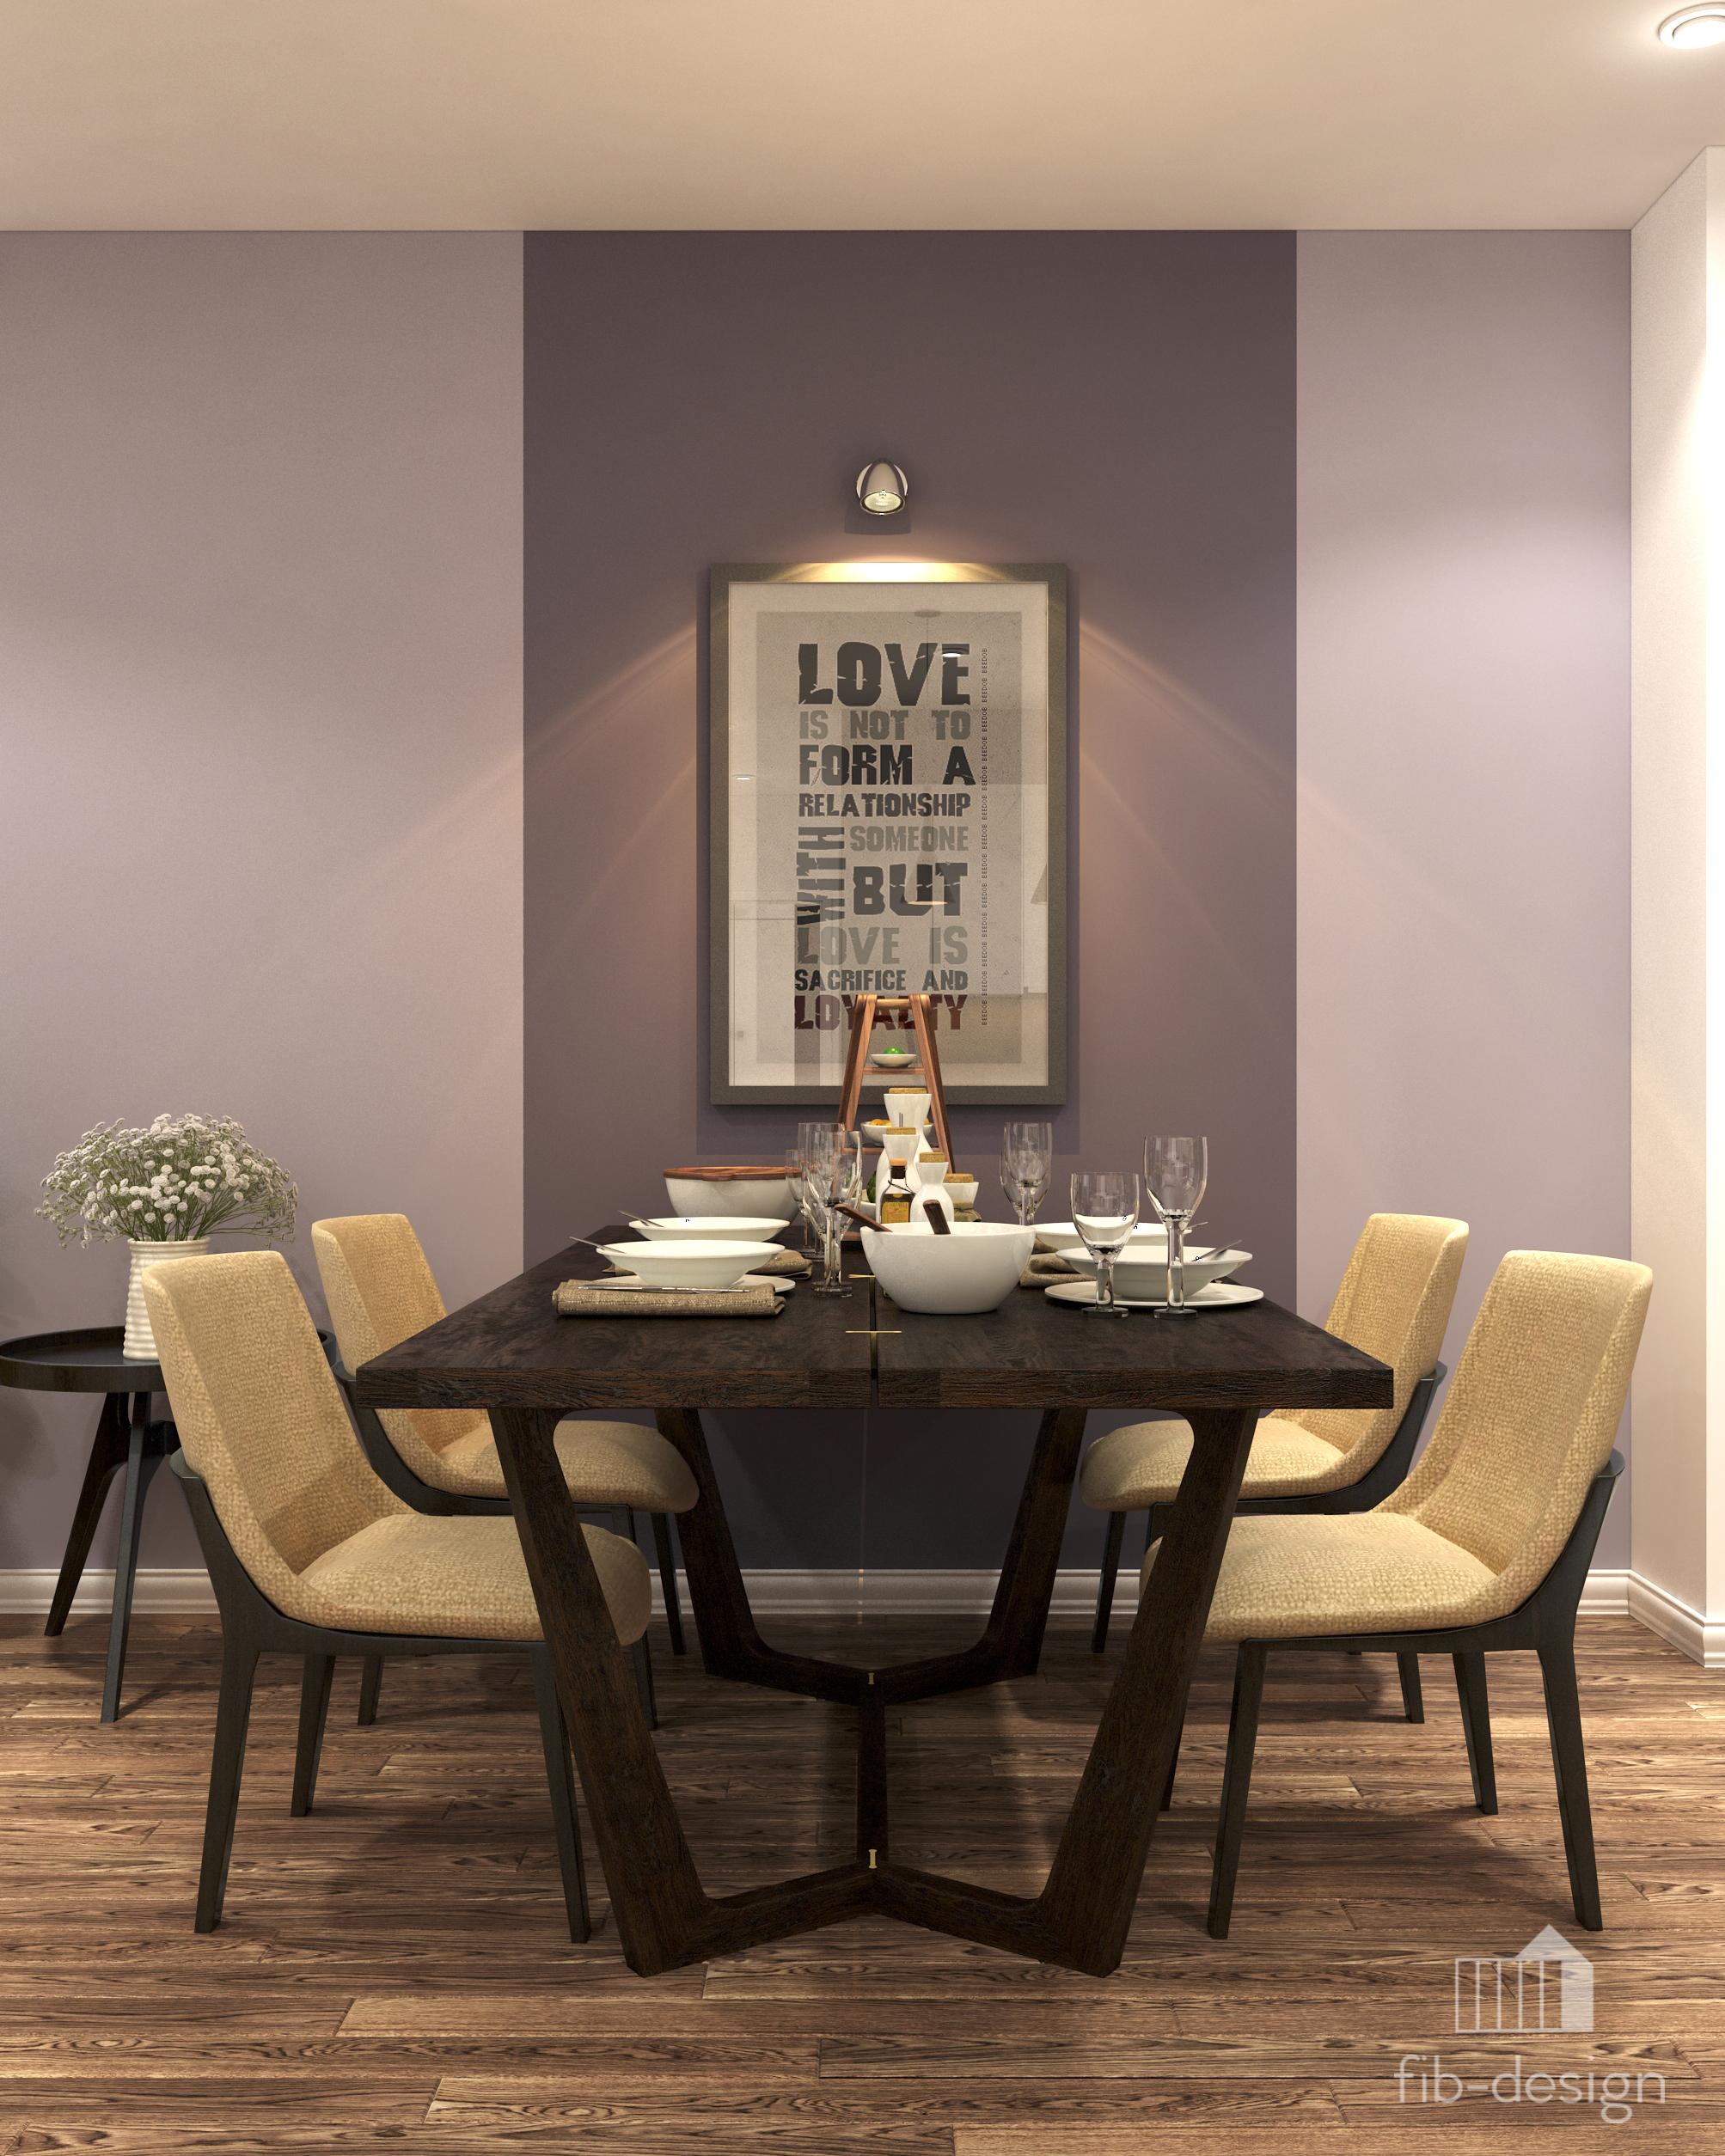 thiết kế nội thất chung cư tại Hà Nội P714 Chung cư GOLDSiLK 5 1544083442